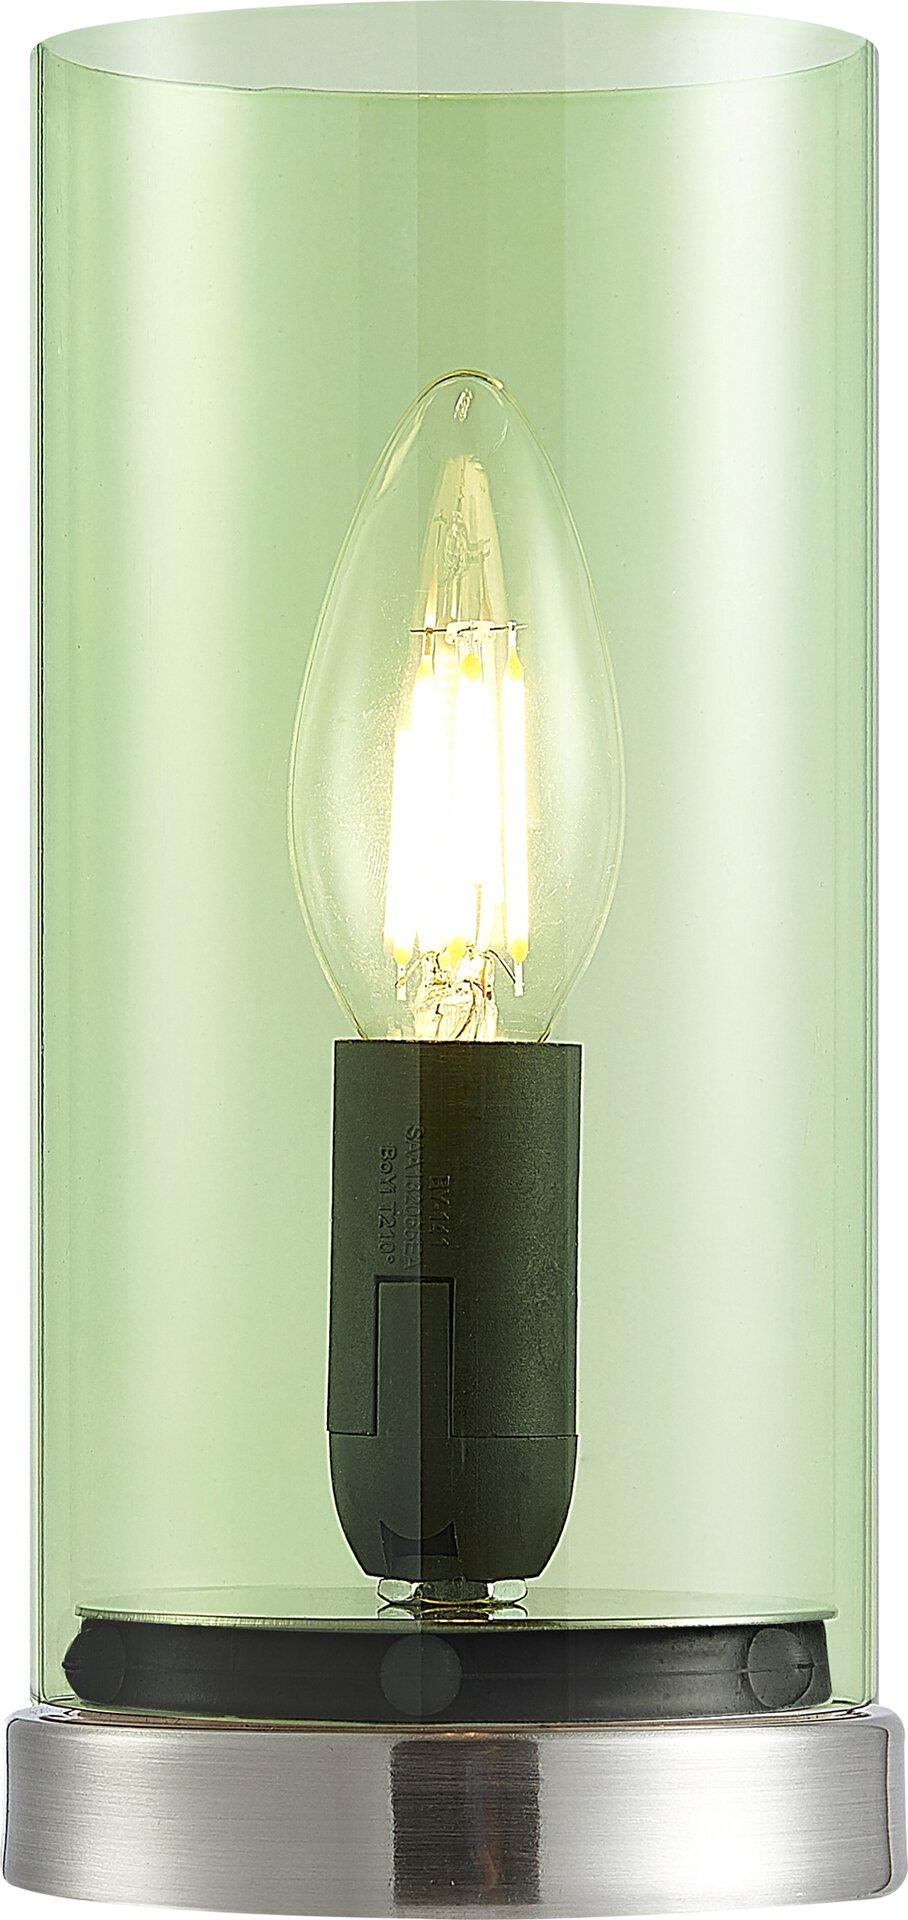 Tischleuchte LAIK Nino Leuchten Glas silber 9 x 20 x 9 cm